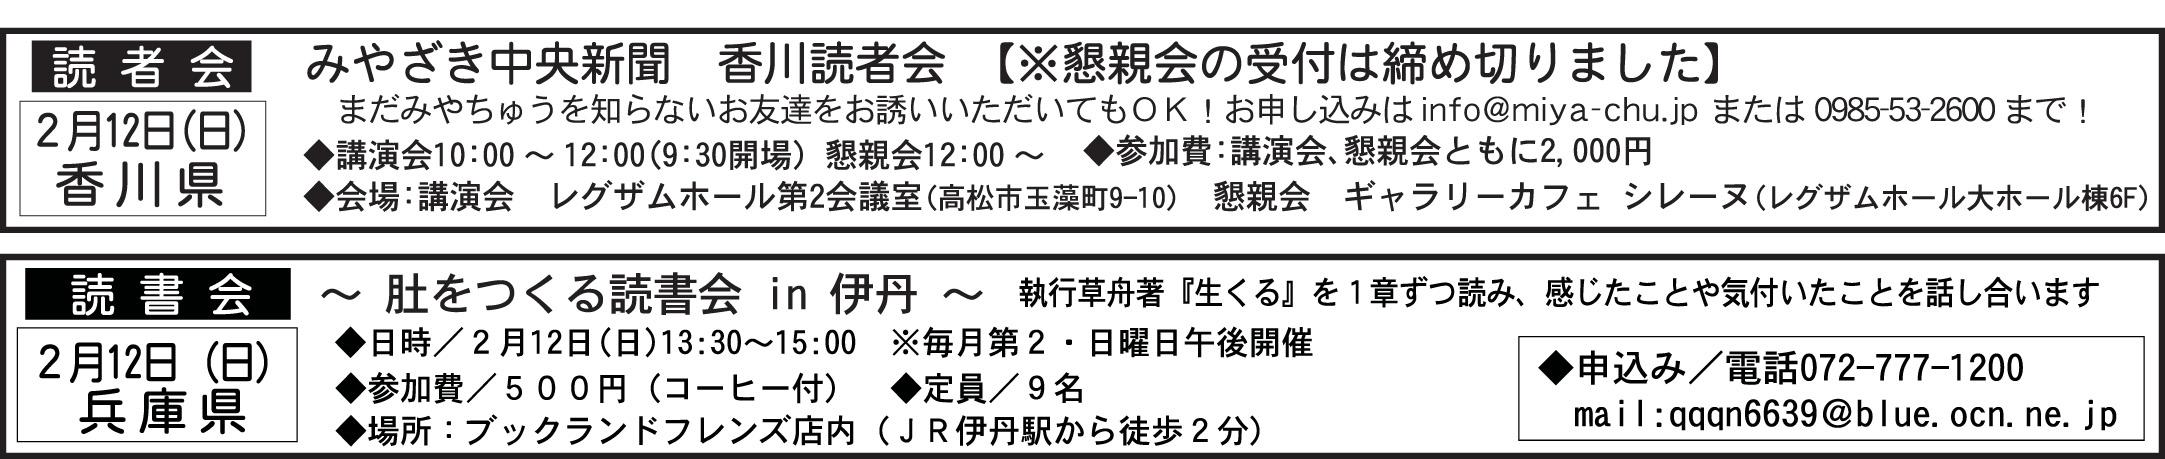 muryo2681.jpg